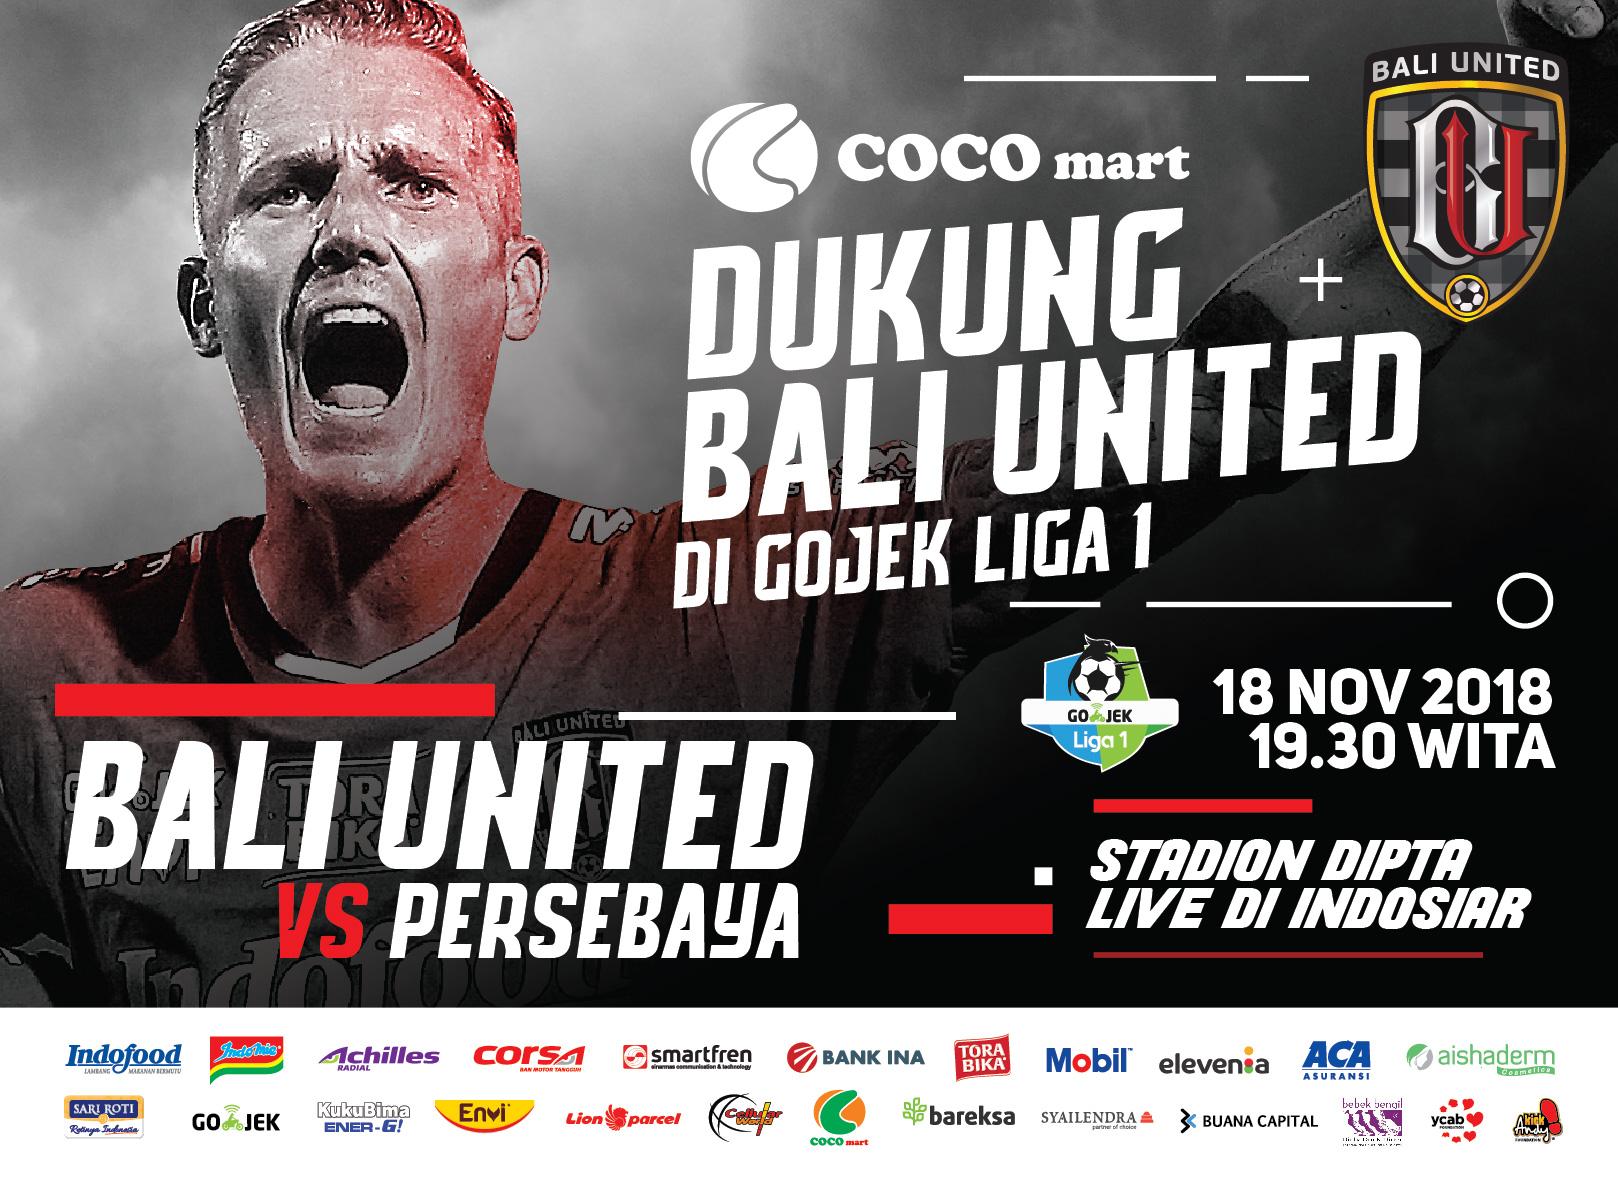 Bali United vs Persebaya 18 November 2018, COCO GROUP BALI, COCO SUPERMARKET BALI, COCO EXPRESS BALI, COCO MART BALI, RETAIL BALI, COCO GOURMET BALI, COCO GROSIR BALI, COCO ROTI BALI, RETAIL MURAH BALI, COCO DEWATA TANAH LOT BALI